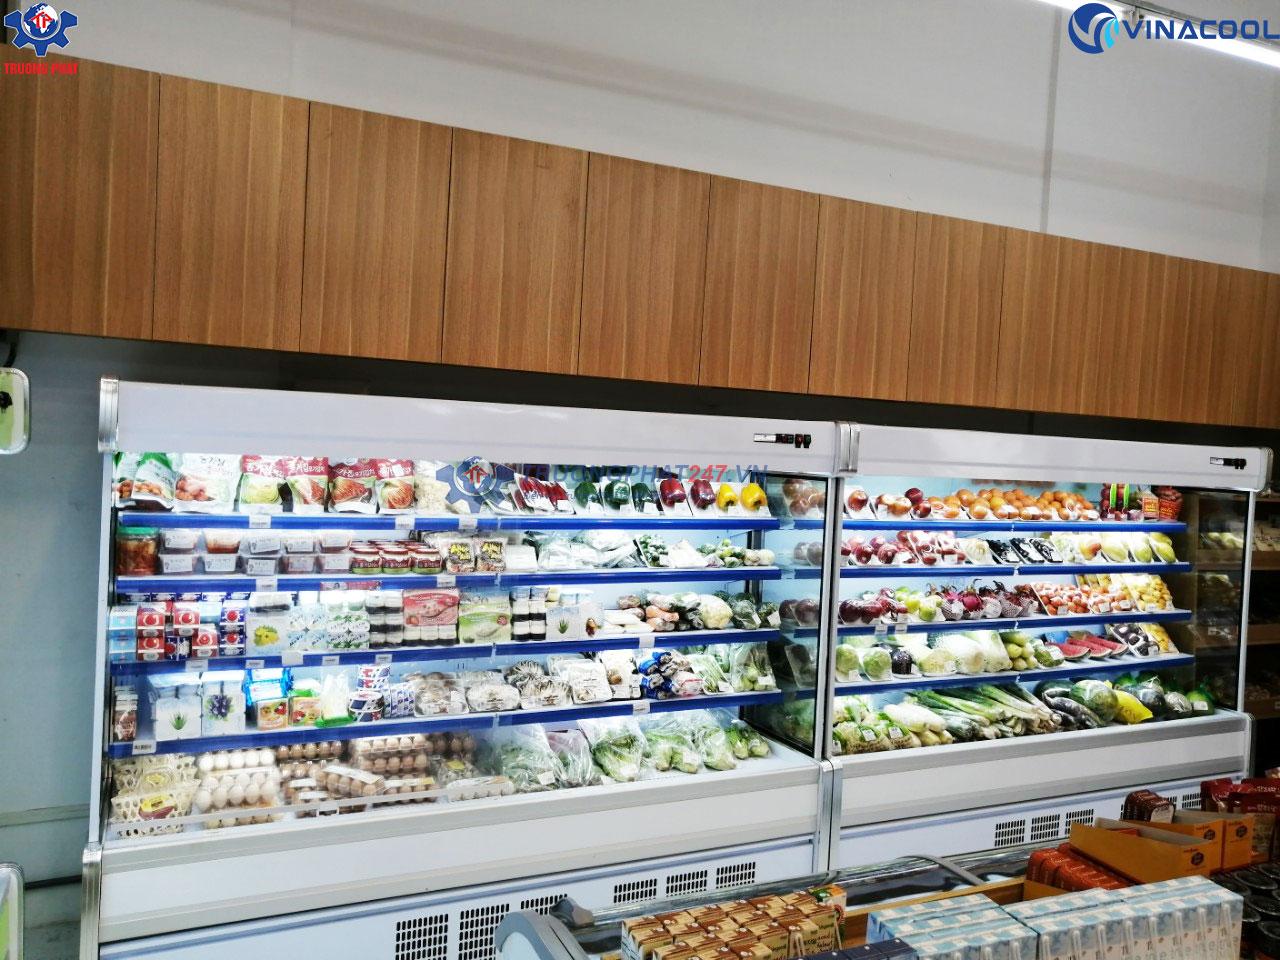 tủ siêu thị không cửa dài 2m5